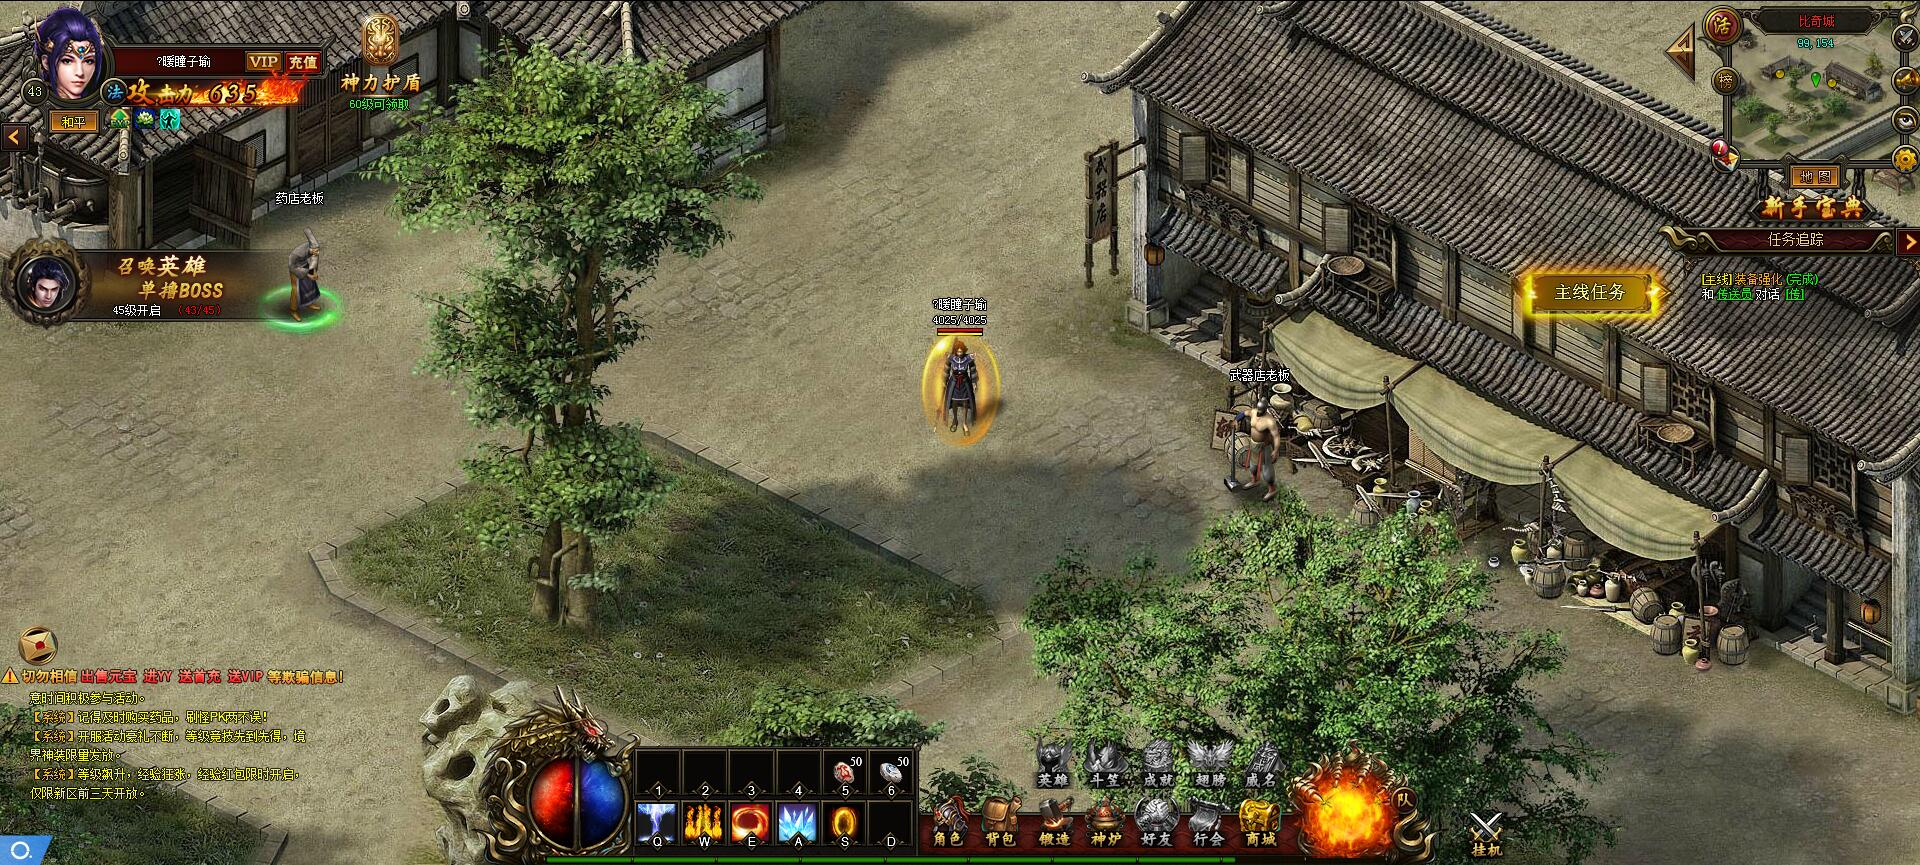 《武神争霸》游戏截图